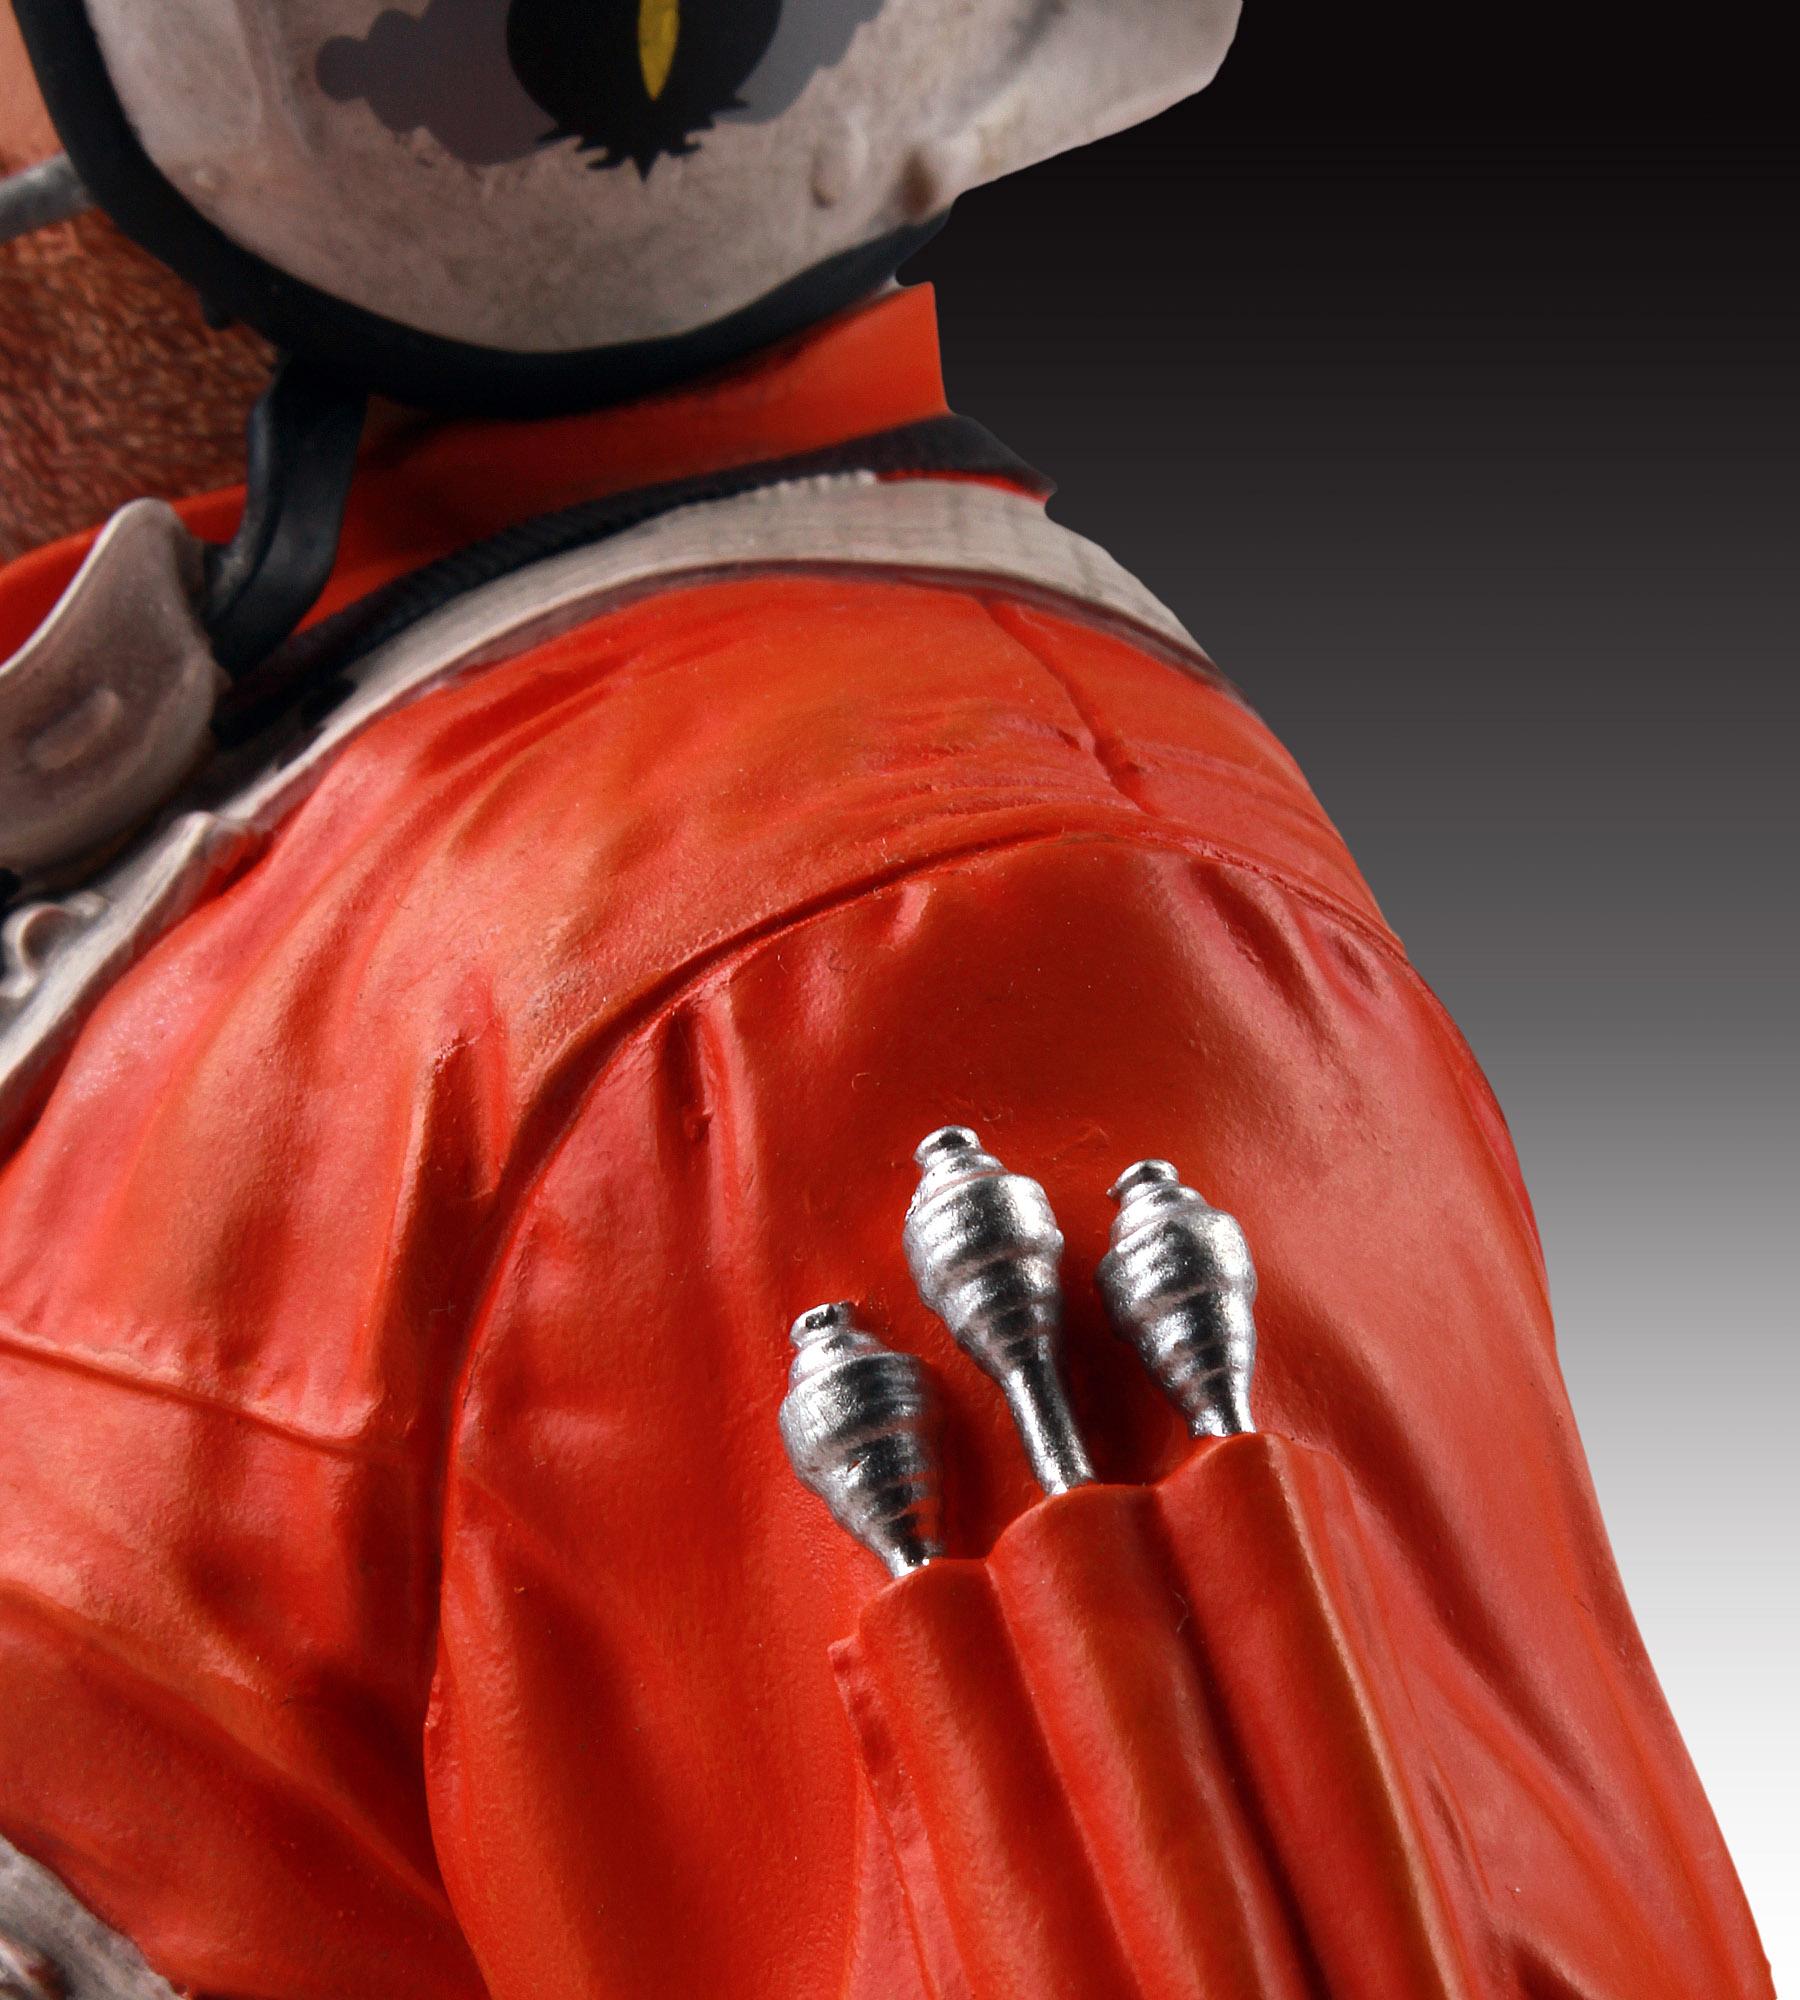 [Gentle Giant] SDCC Exclusive Star Wars Jek Porkins Mini Bust SDCC-Exclusive-Star-Wars-Jek-Porkins-Mini-Bust-007